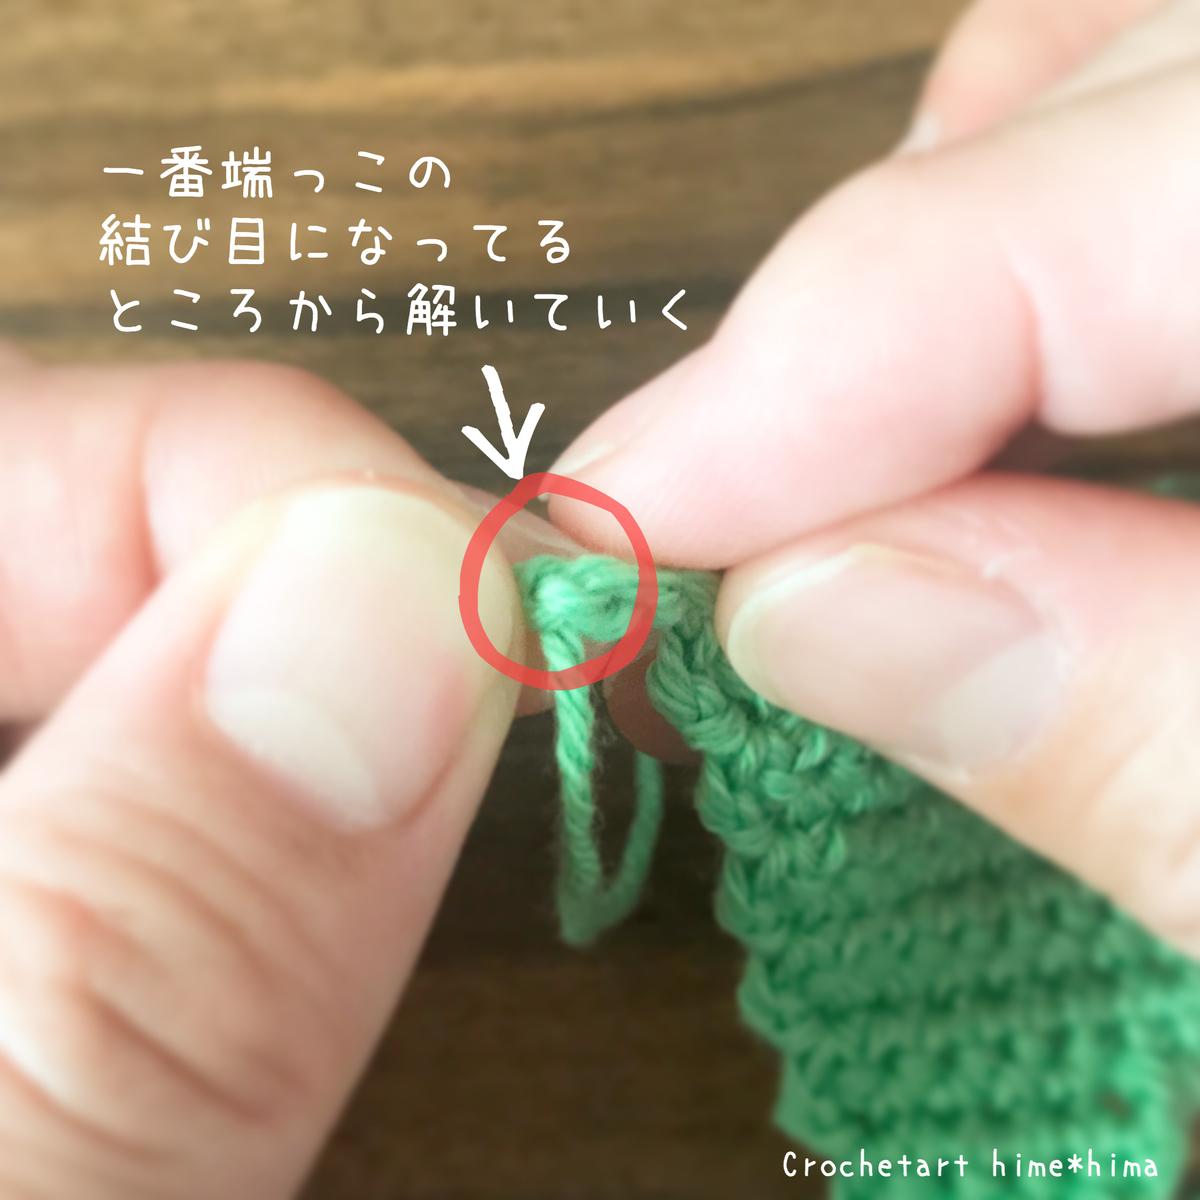 作り目の端の結び目を解く説明の写真